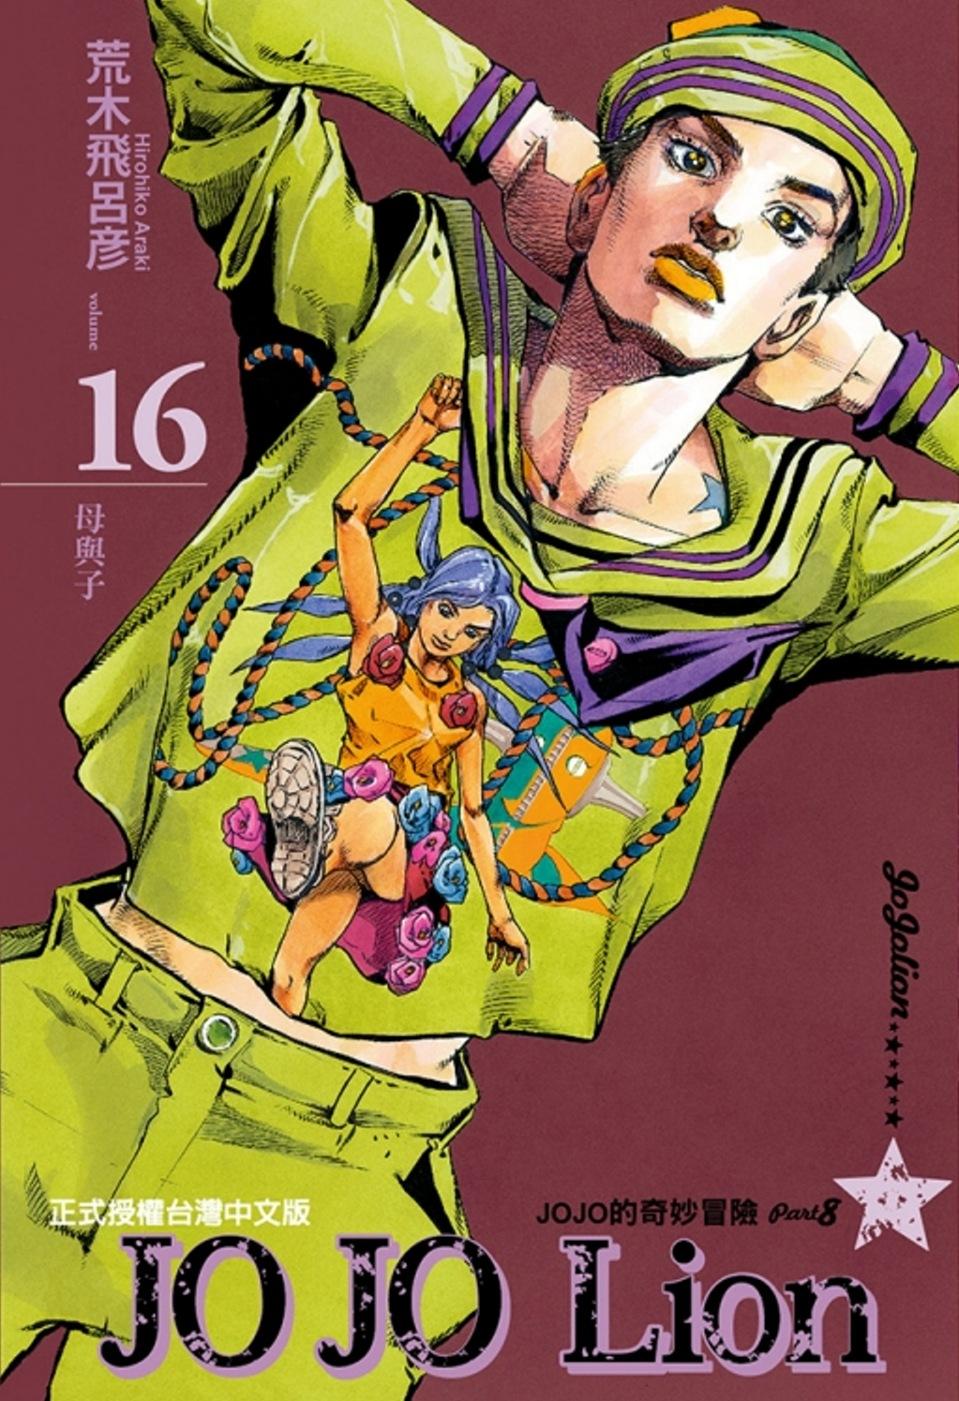 JOJO的奇妙冒險 PART 8 JOJO Lion 16